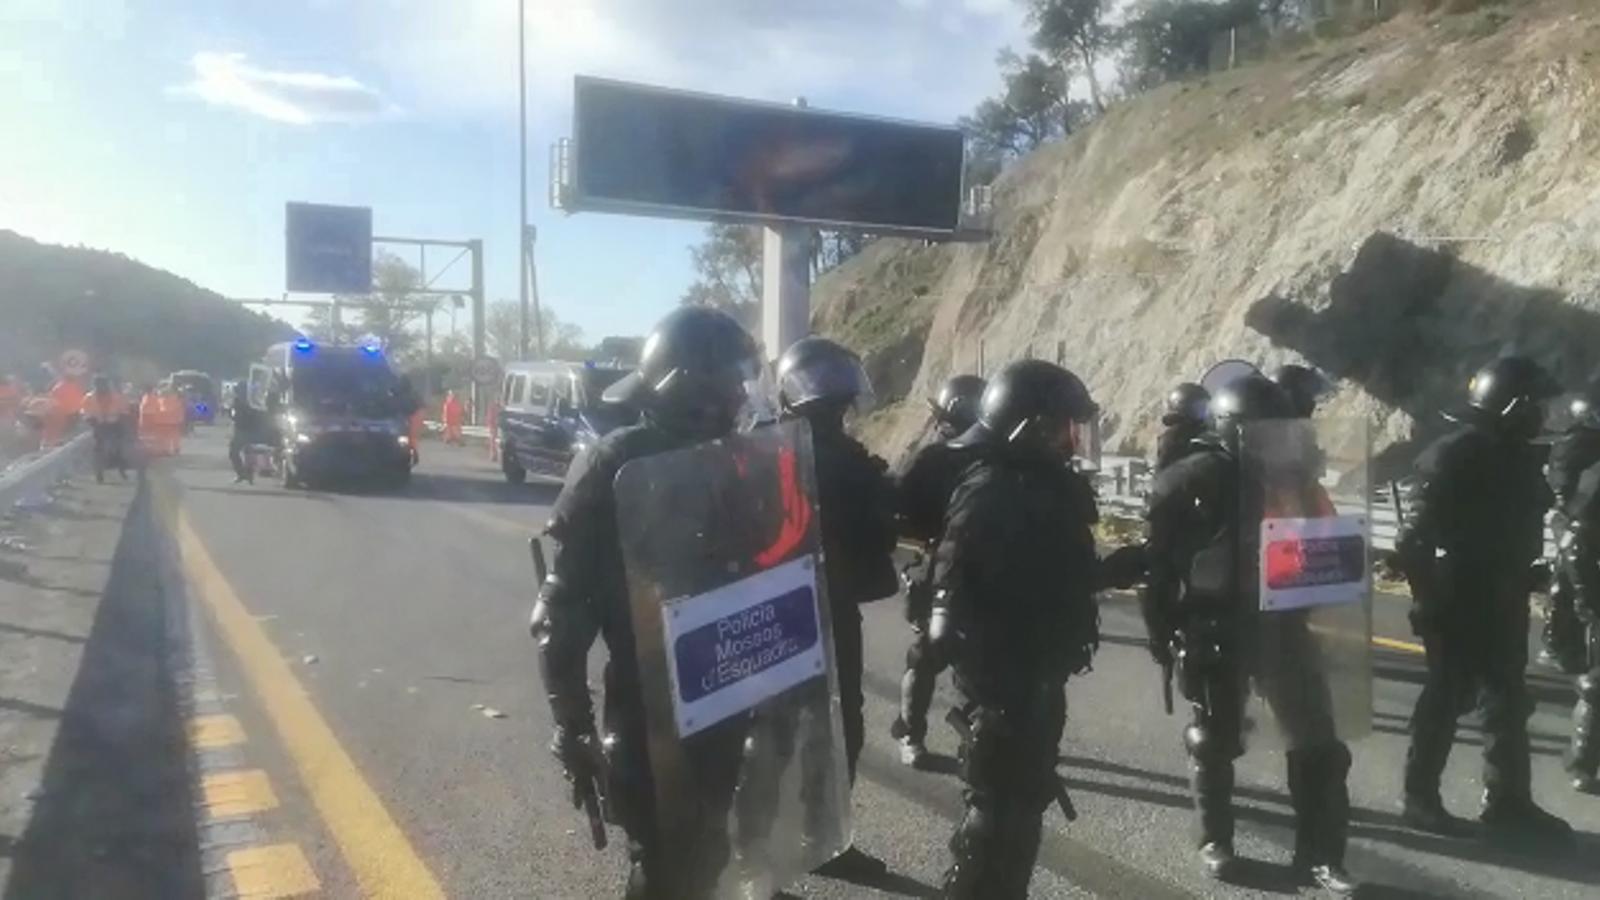 Els Mossos fan una altra crida per megafonia: diuen als propietaris que tenen vehicles aparcats a l'autopista que s'adrecin al cordó si volen retirar voluntàriament els cotxes